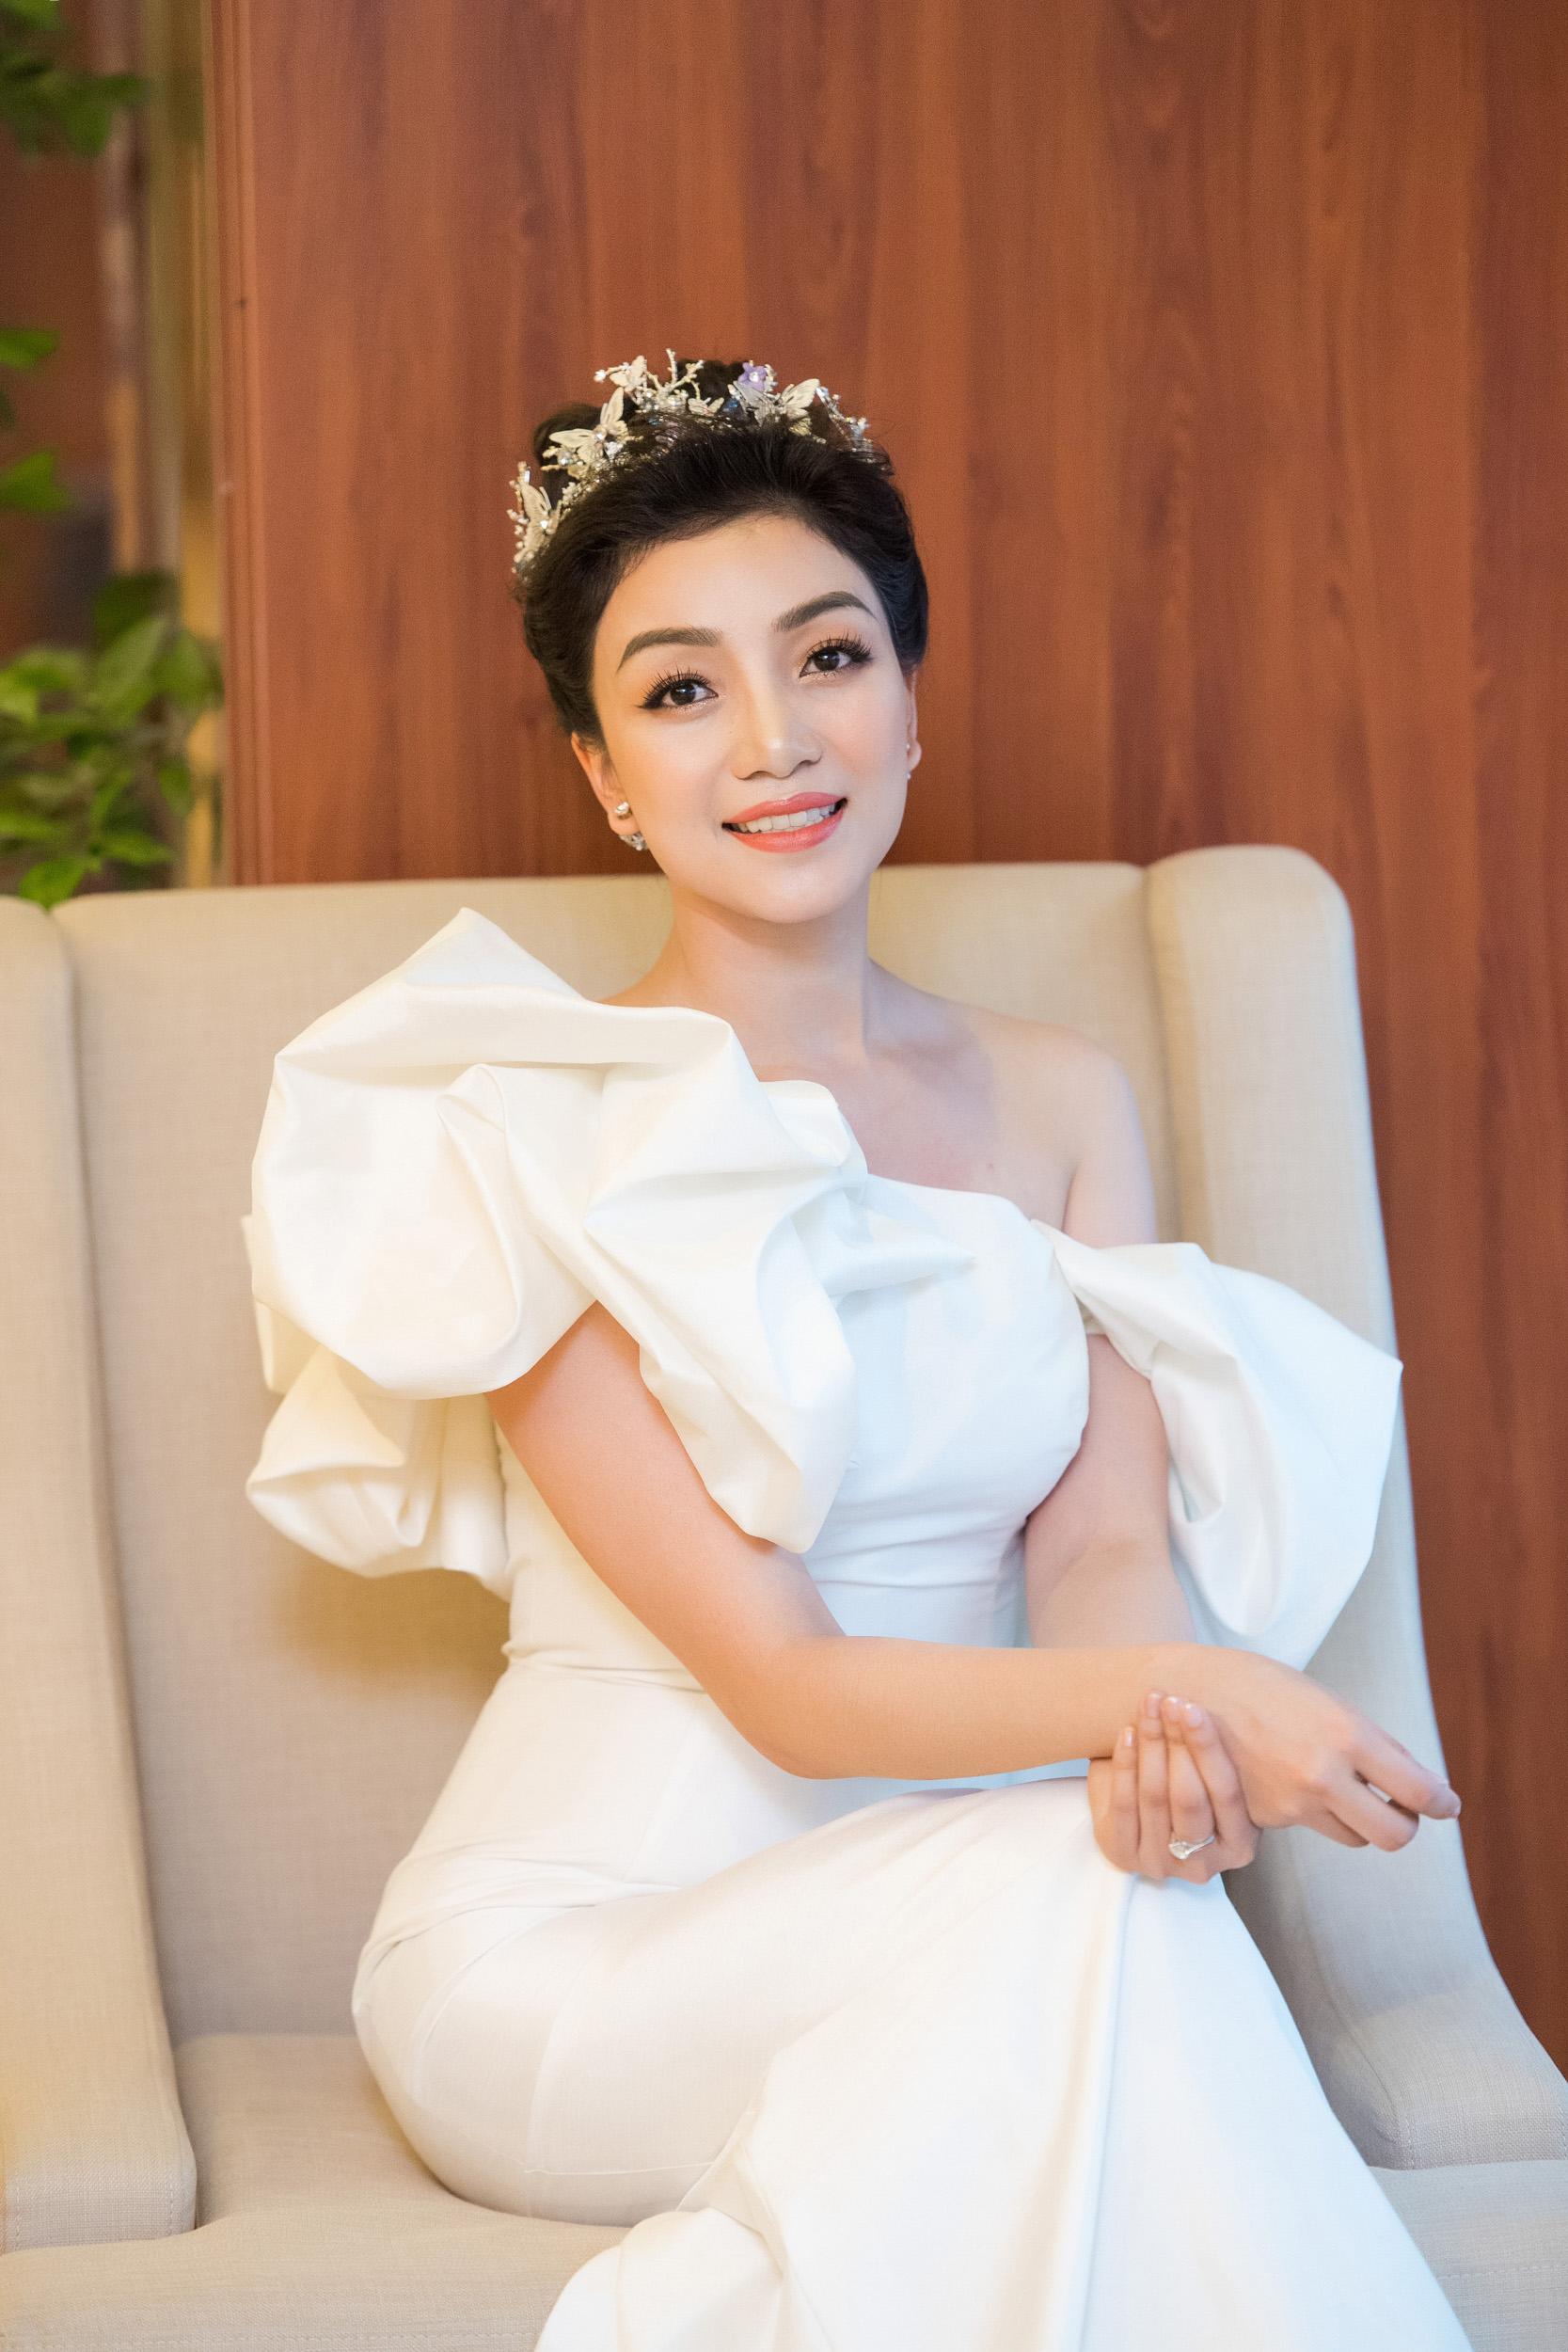 Hình ảnh Hoa mi bán cổ điển Phạm Thu Hà quyến rũ với đầm trắng số 8